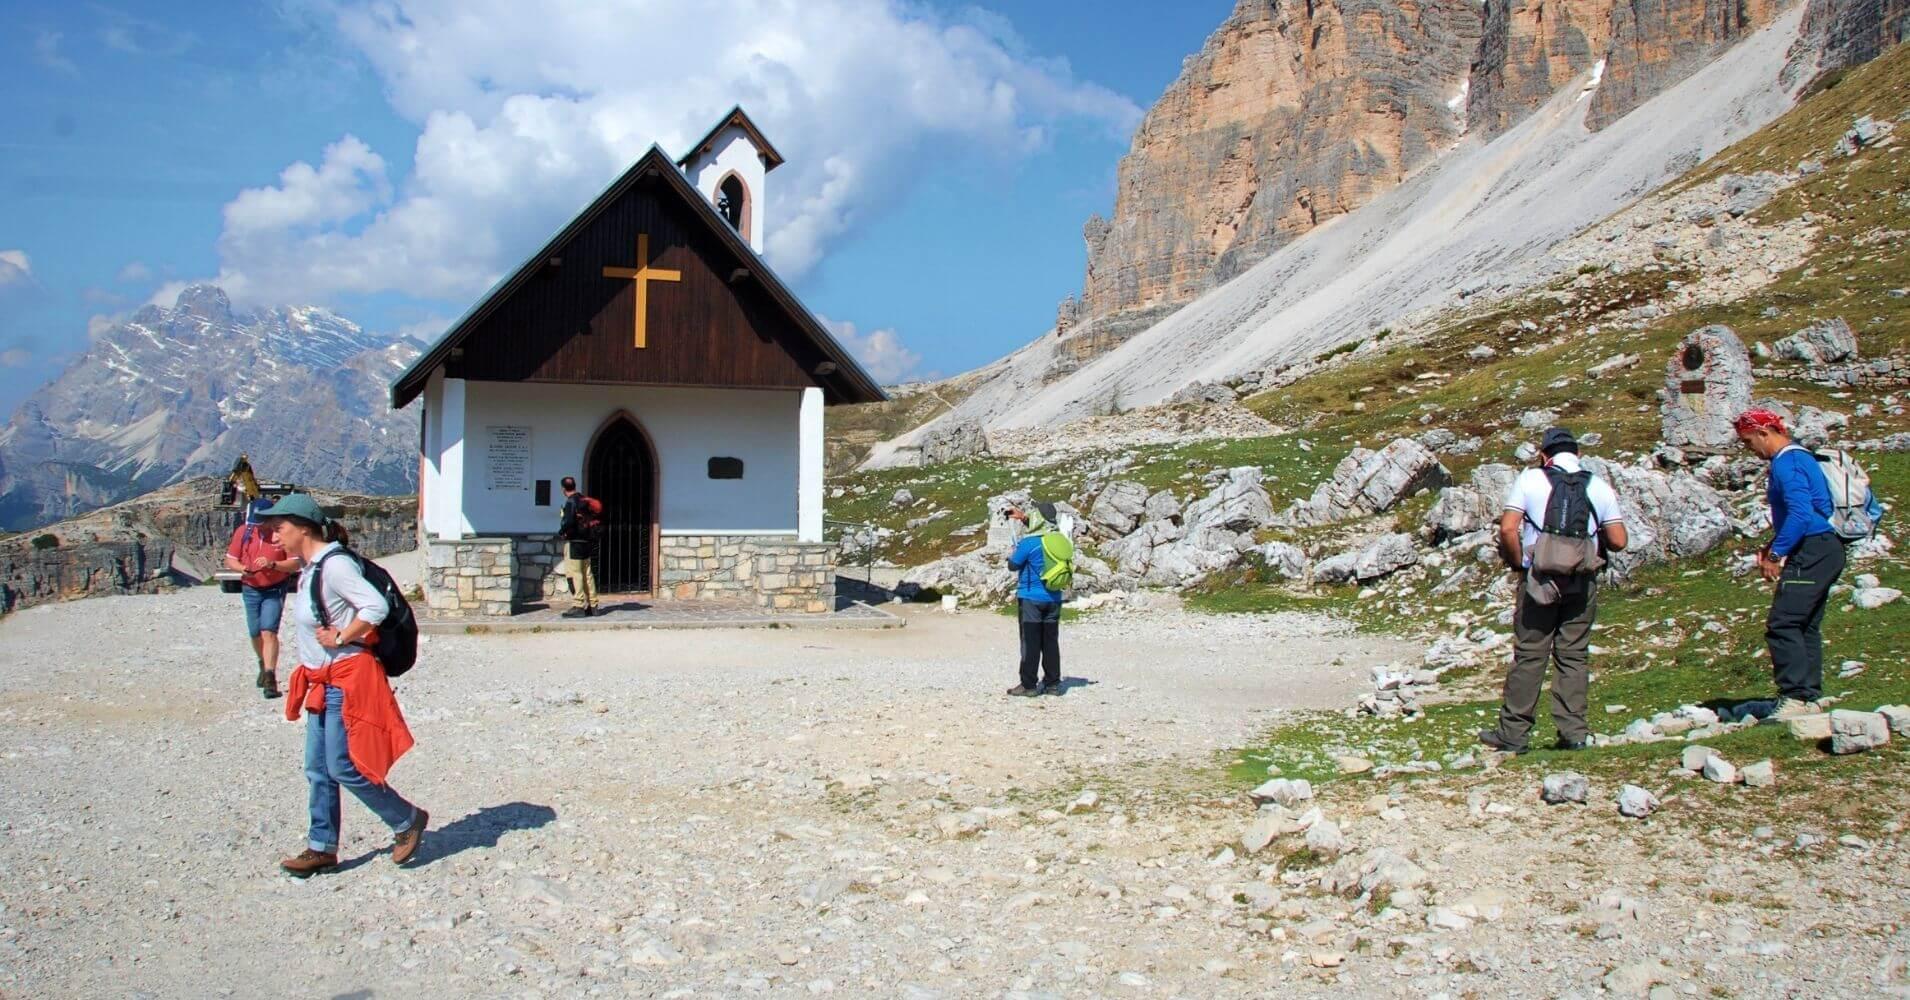 Capilla Alpina, Cappella degli Alpini. Tres Cimas de Lavaredo. Alpes Dolomitas. Belluno. Véneto. Italia.